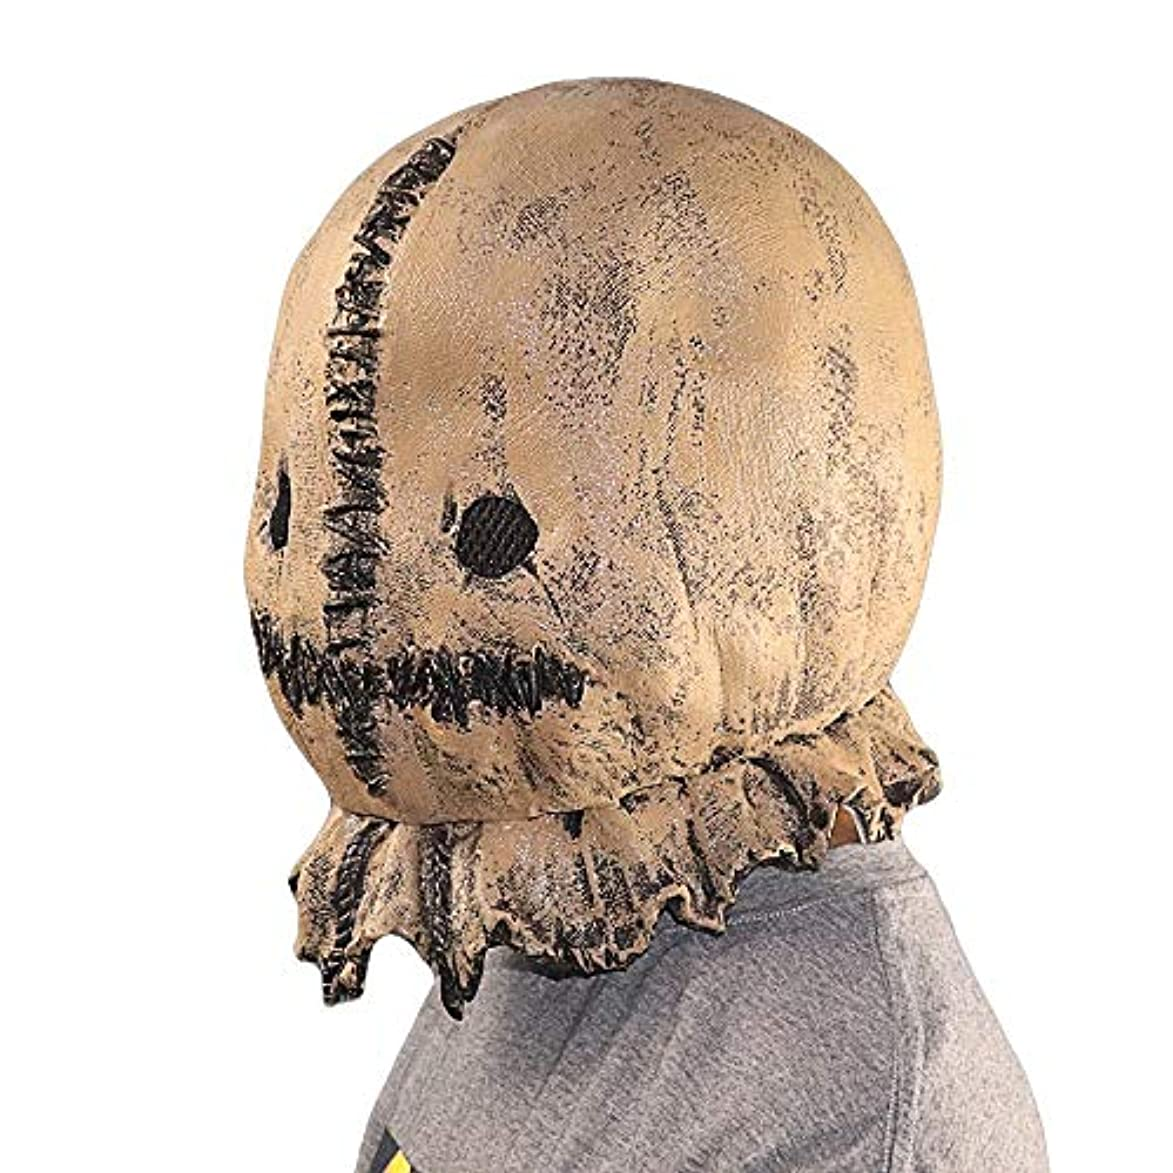 アソシエイトアストロラーベ聖書ハロウィンラテックスかかしマスクヘッドギアハロウィンマッドネスマスクホラーボール小道具